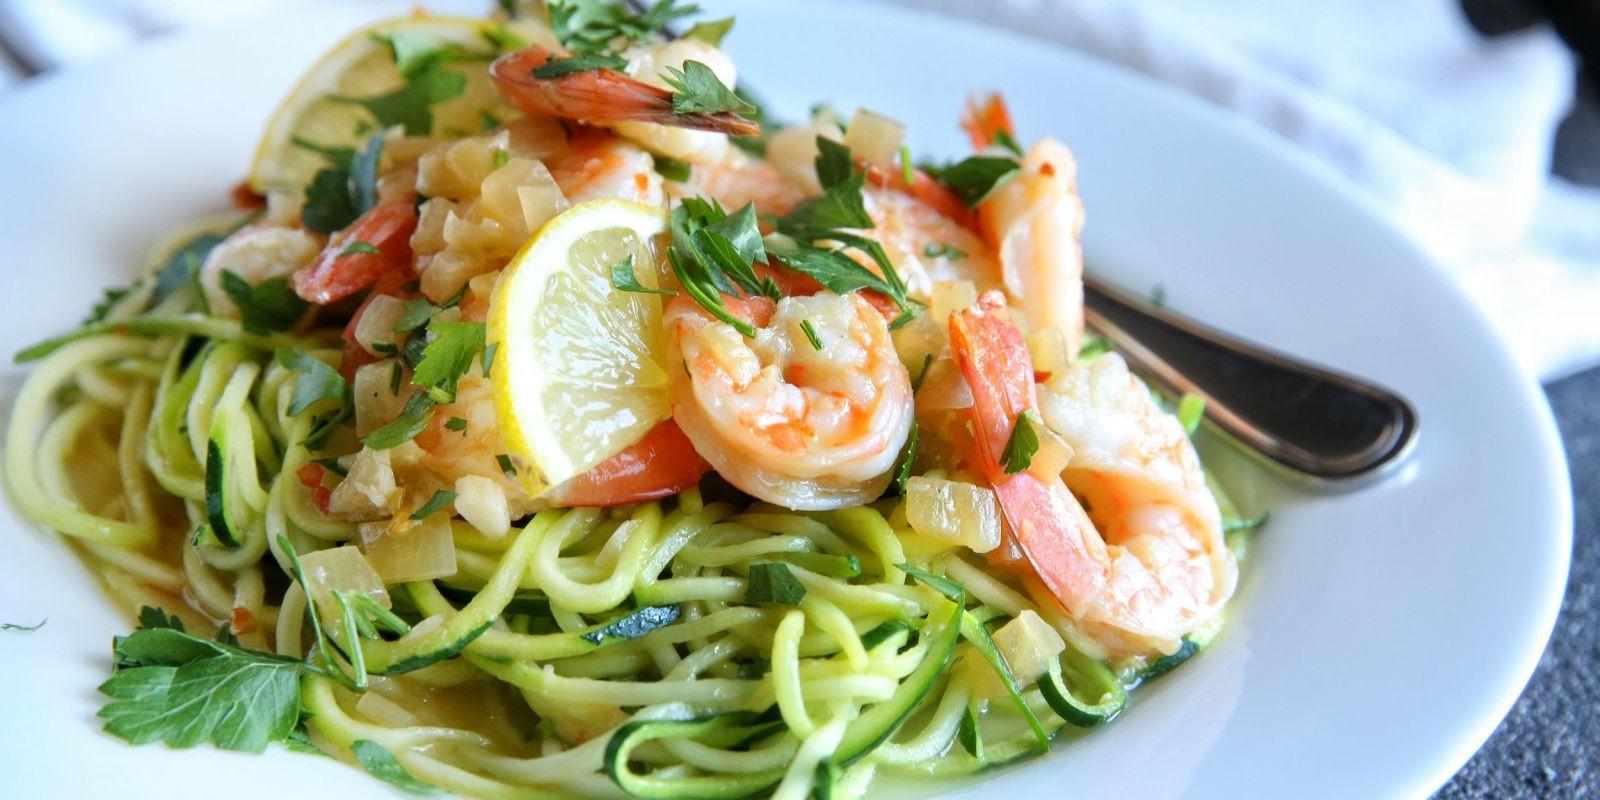 Summer Dinner Recipe  100 Easy Summer Dinner Recipes Best Ideas for Summer